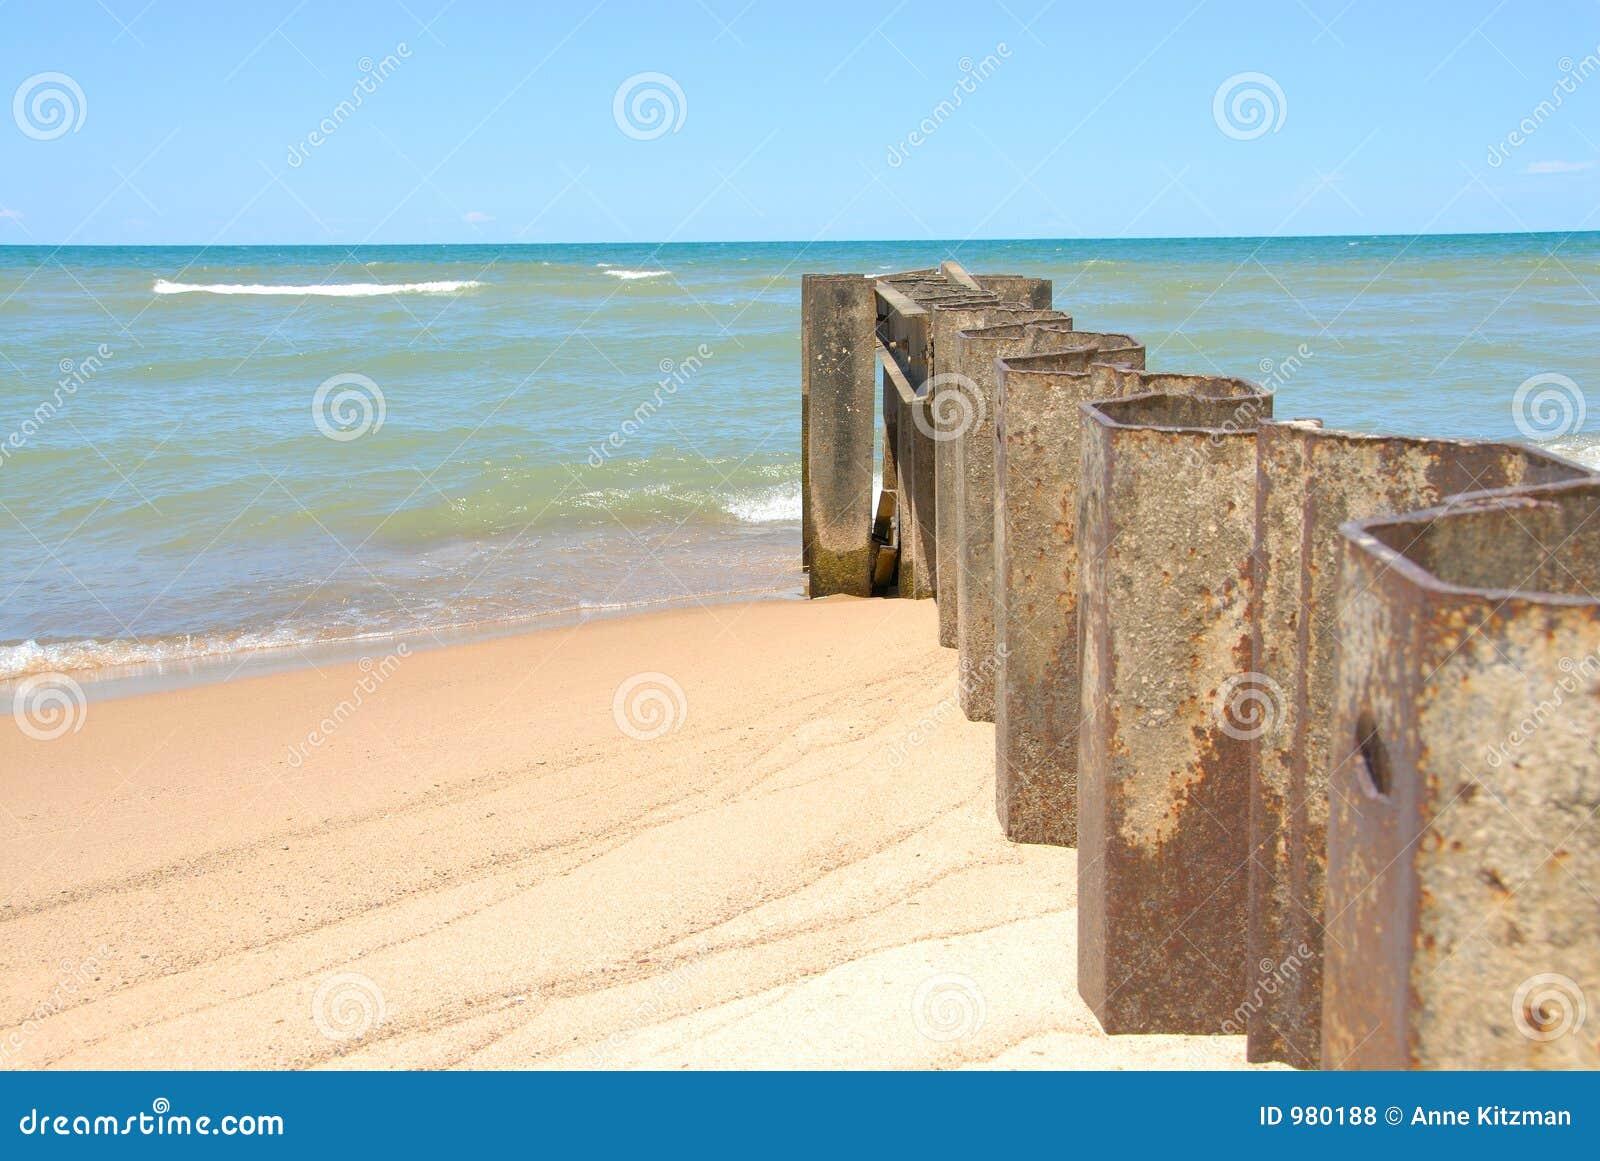 ακτή του Μίτσιγκαν λιμνών διακοπτών